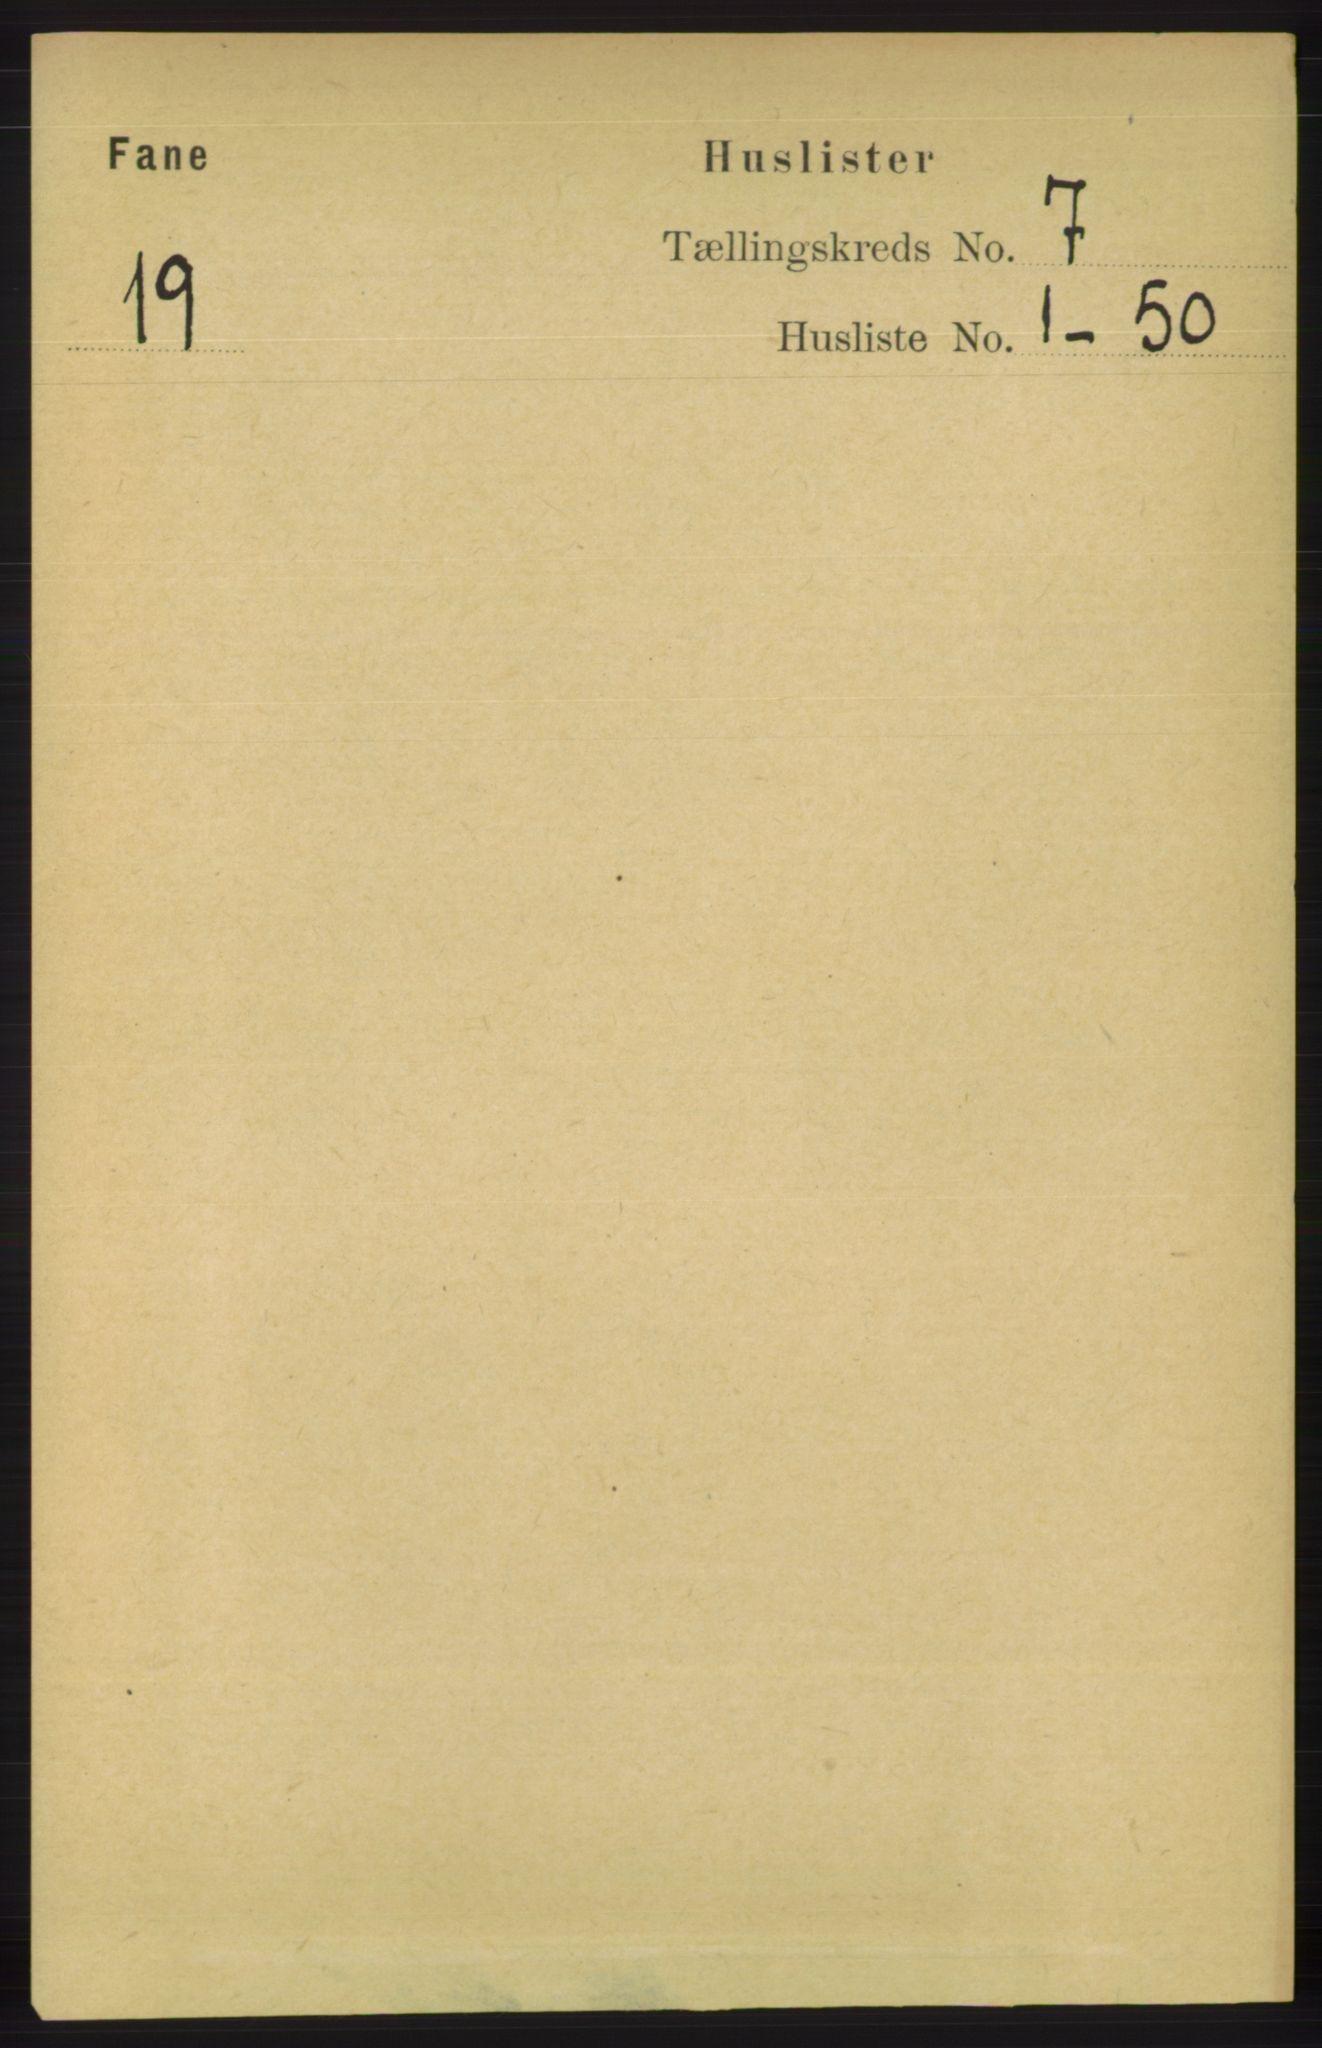 RA, Folketelling 1891 for 1249 Fana herred, 1891, s. 2913